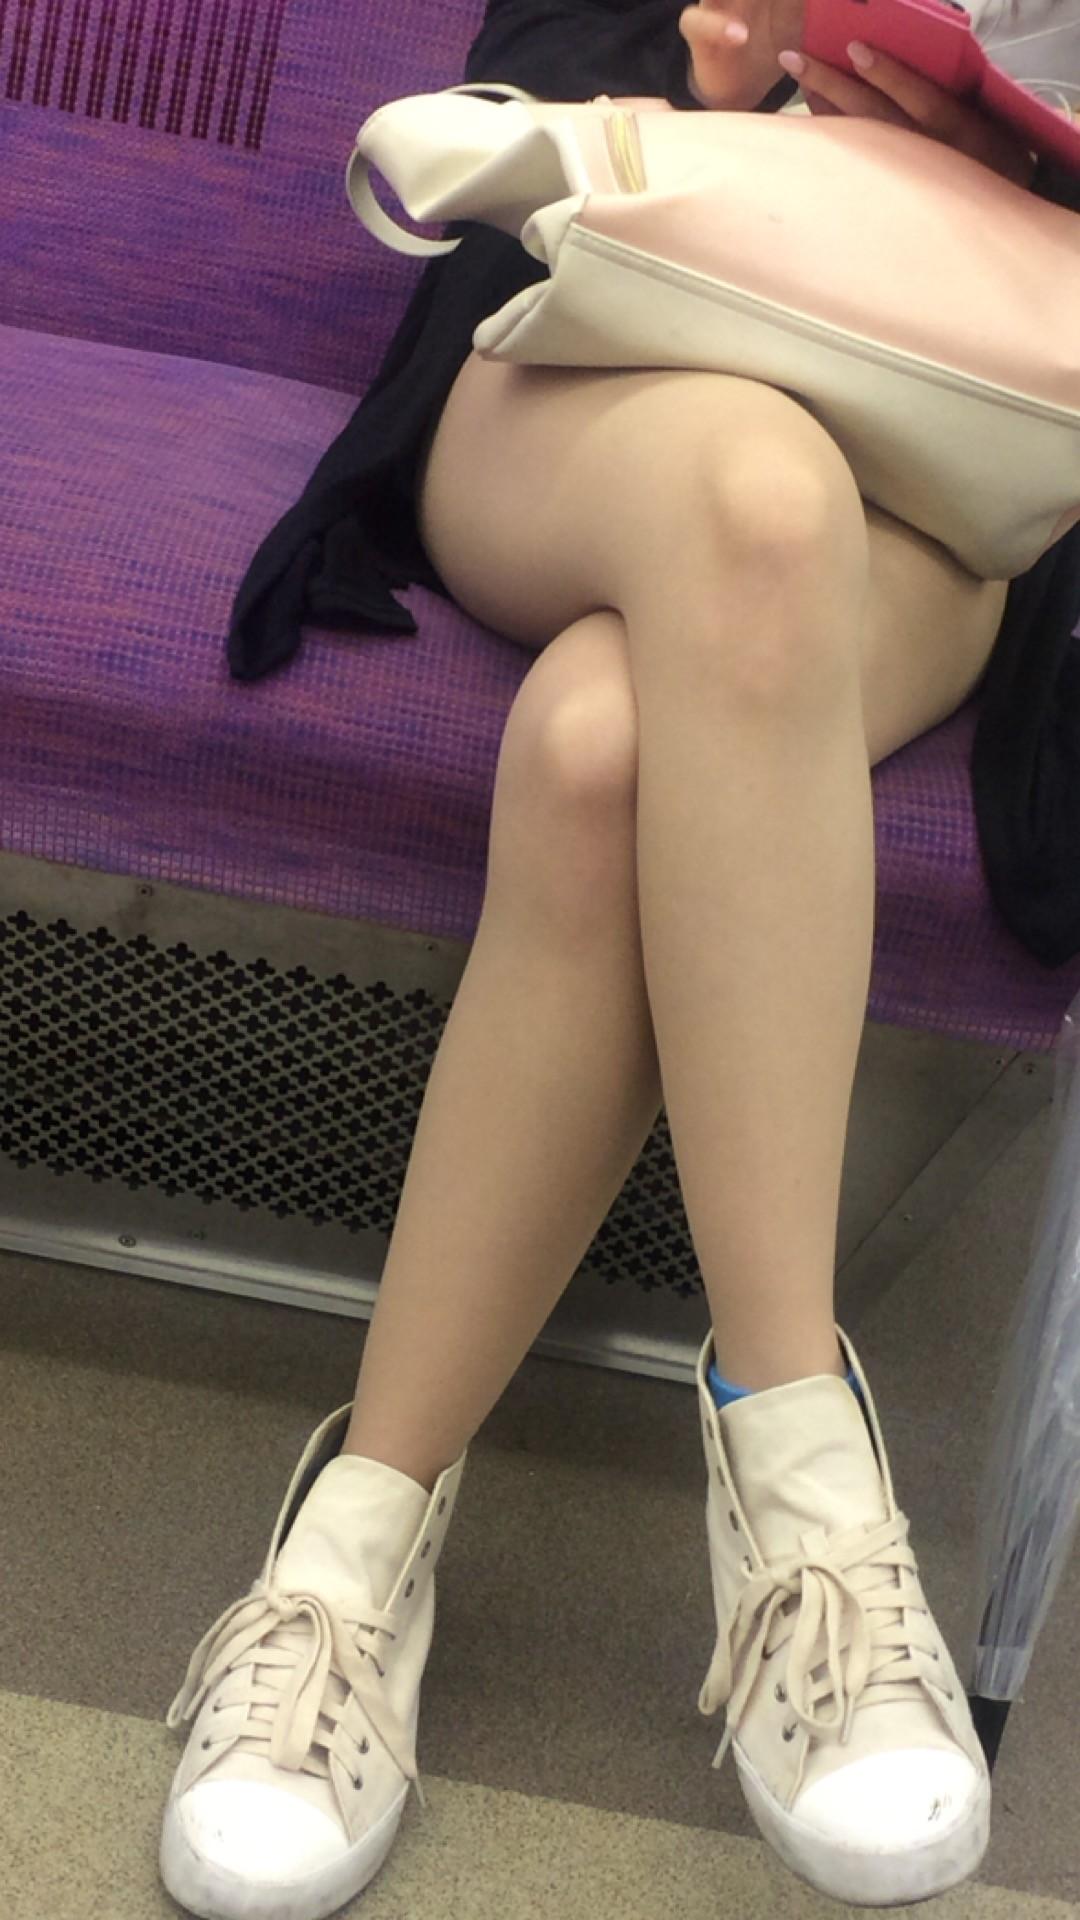 急に飛び込んでくる街中で見る美脚女子のエロ画像33枚・12枚目の画像